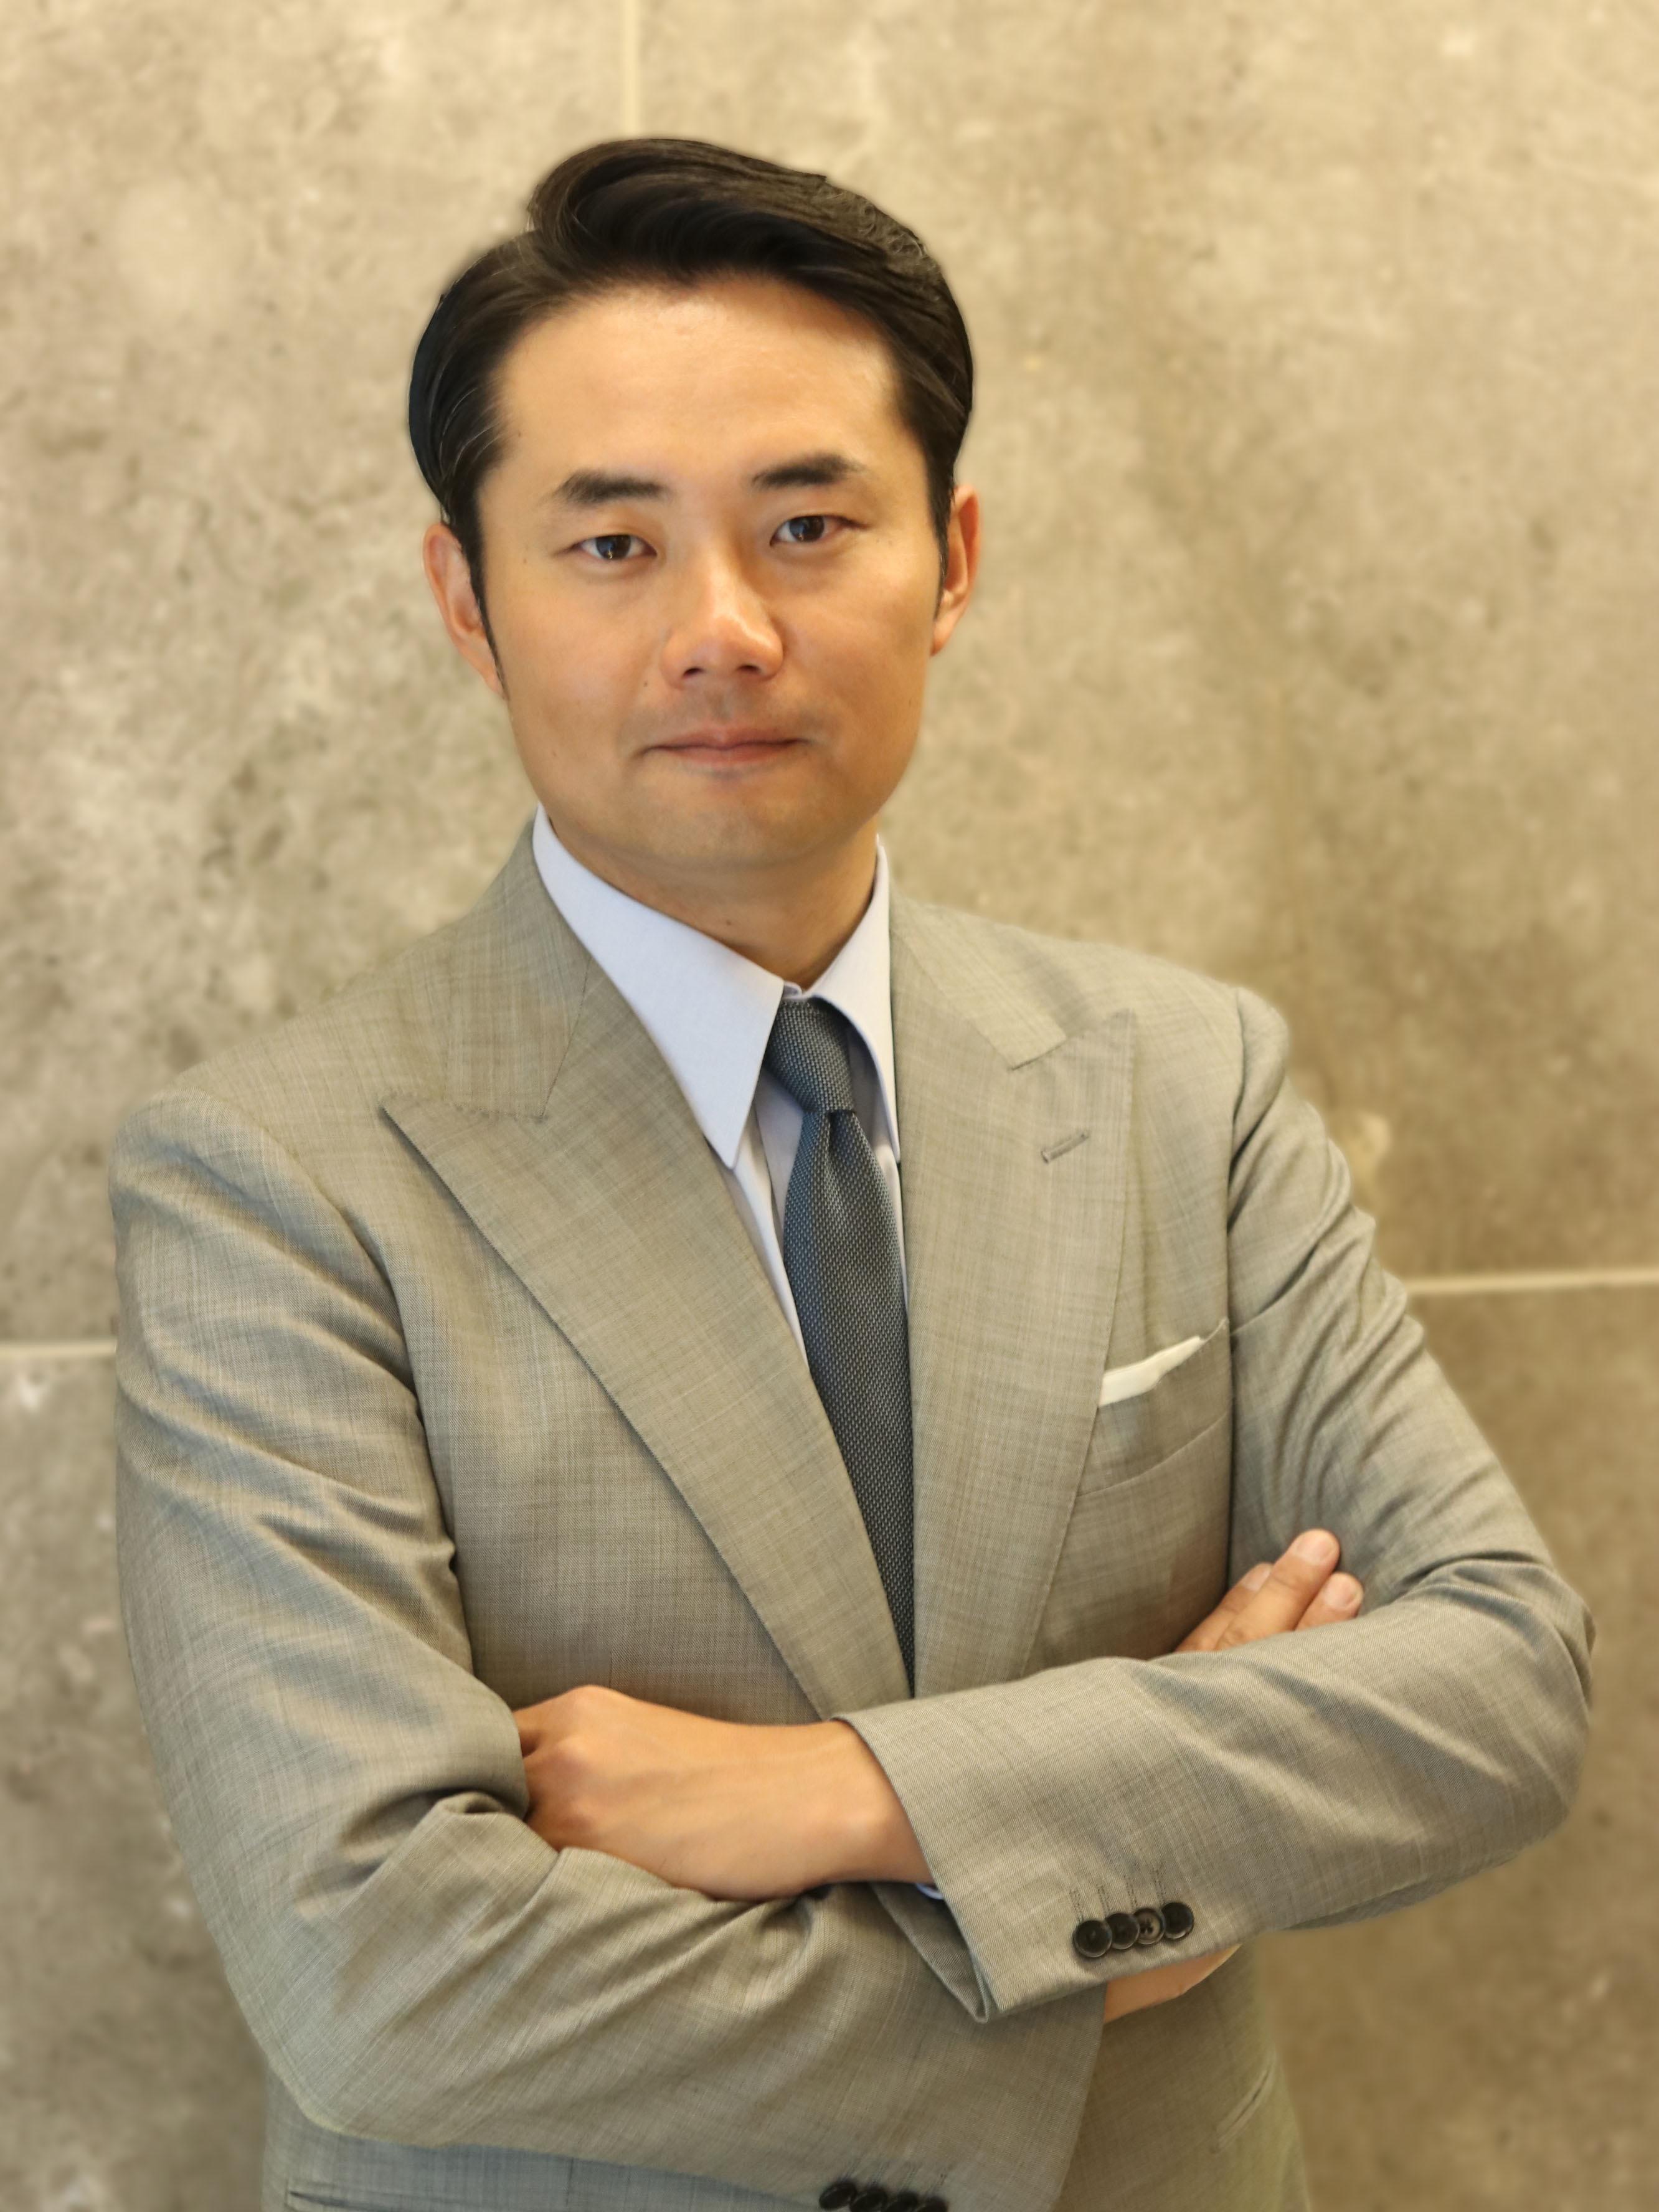 老後へ向けた資産運用を杉村太蔵や投資のスペシャリストと学ぶ! 投資プランニングの無料セミナーを7月21日に東京・中野で開催